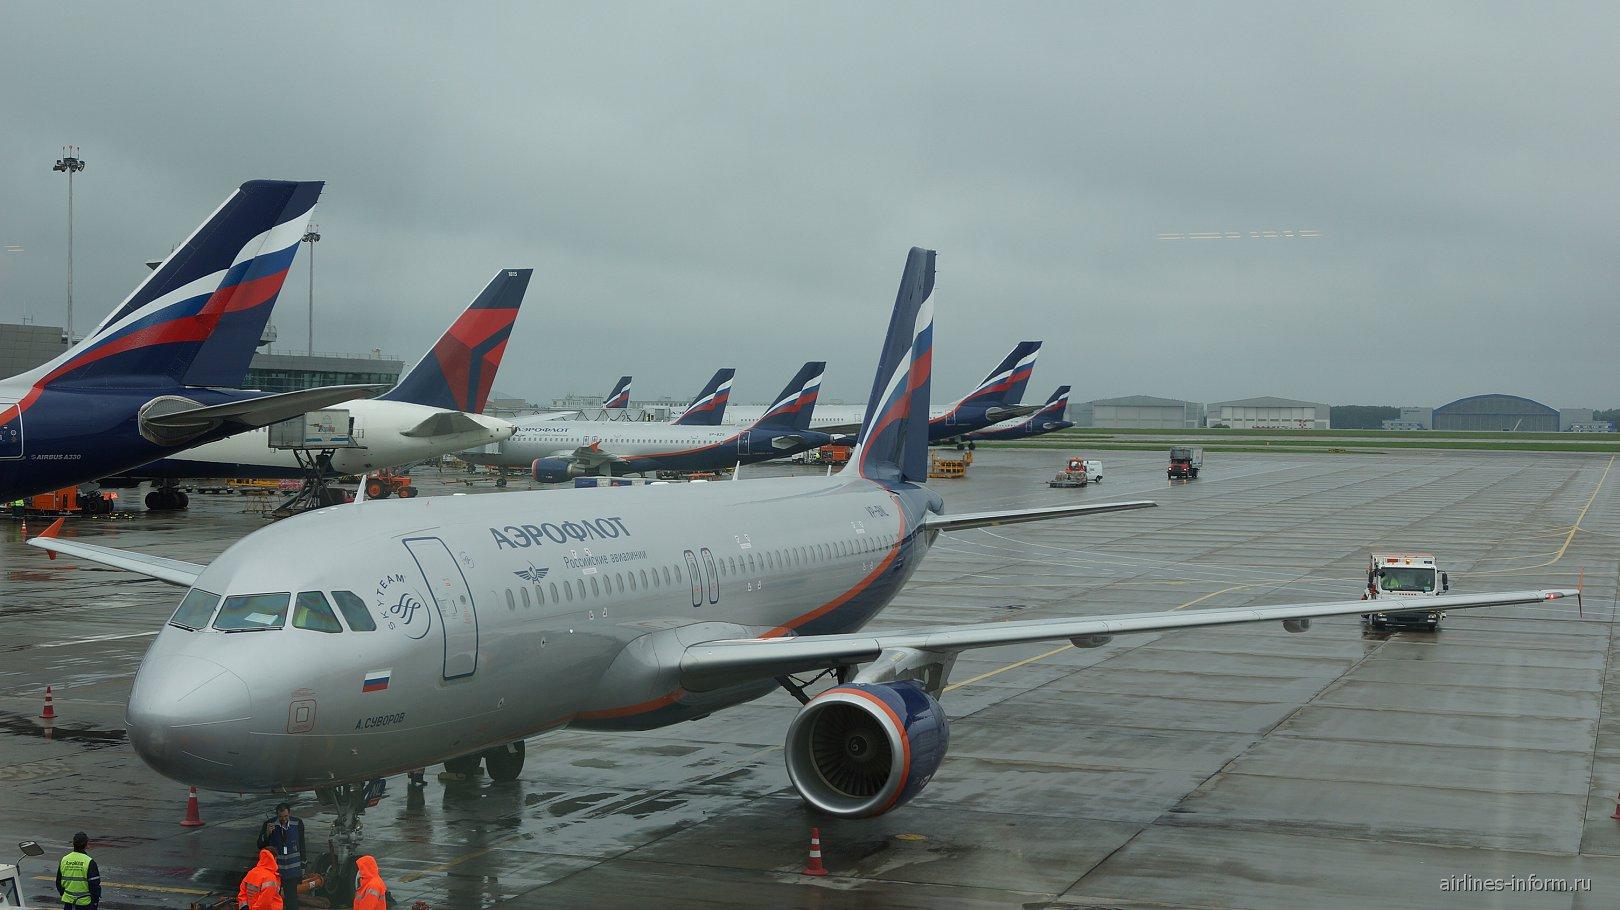 Airbus A320 Аэрофлота в аэропорту Шереметьево